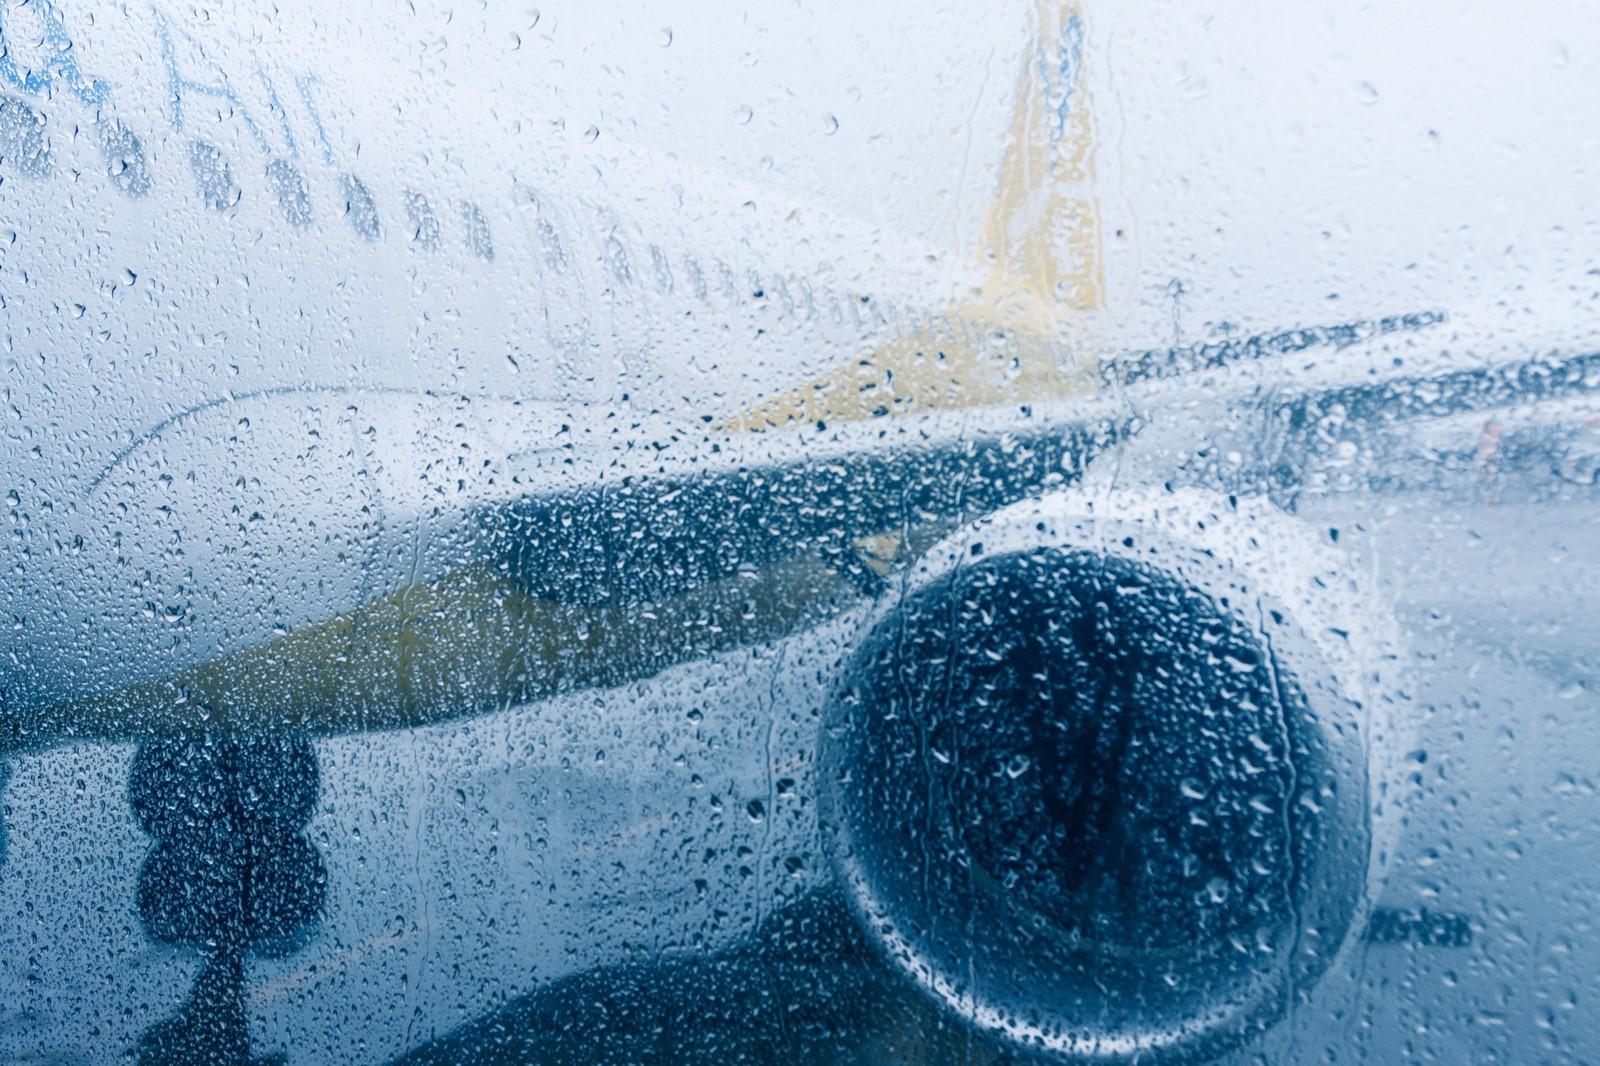 是[凝視旅行] 廉航機票出問題可能找不到中文客服?!訂票前除了票價便宜,也請看一下這電話清單!這篇文章的首圖